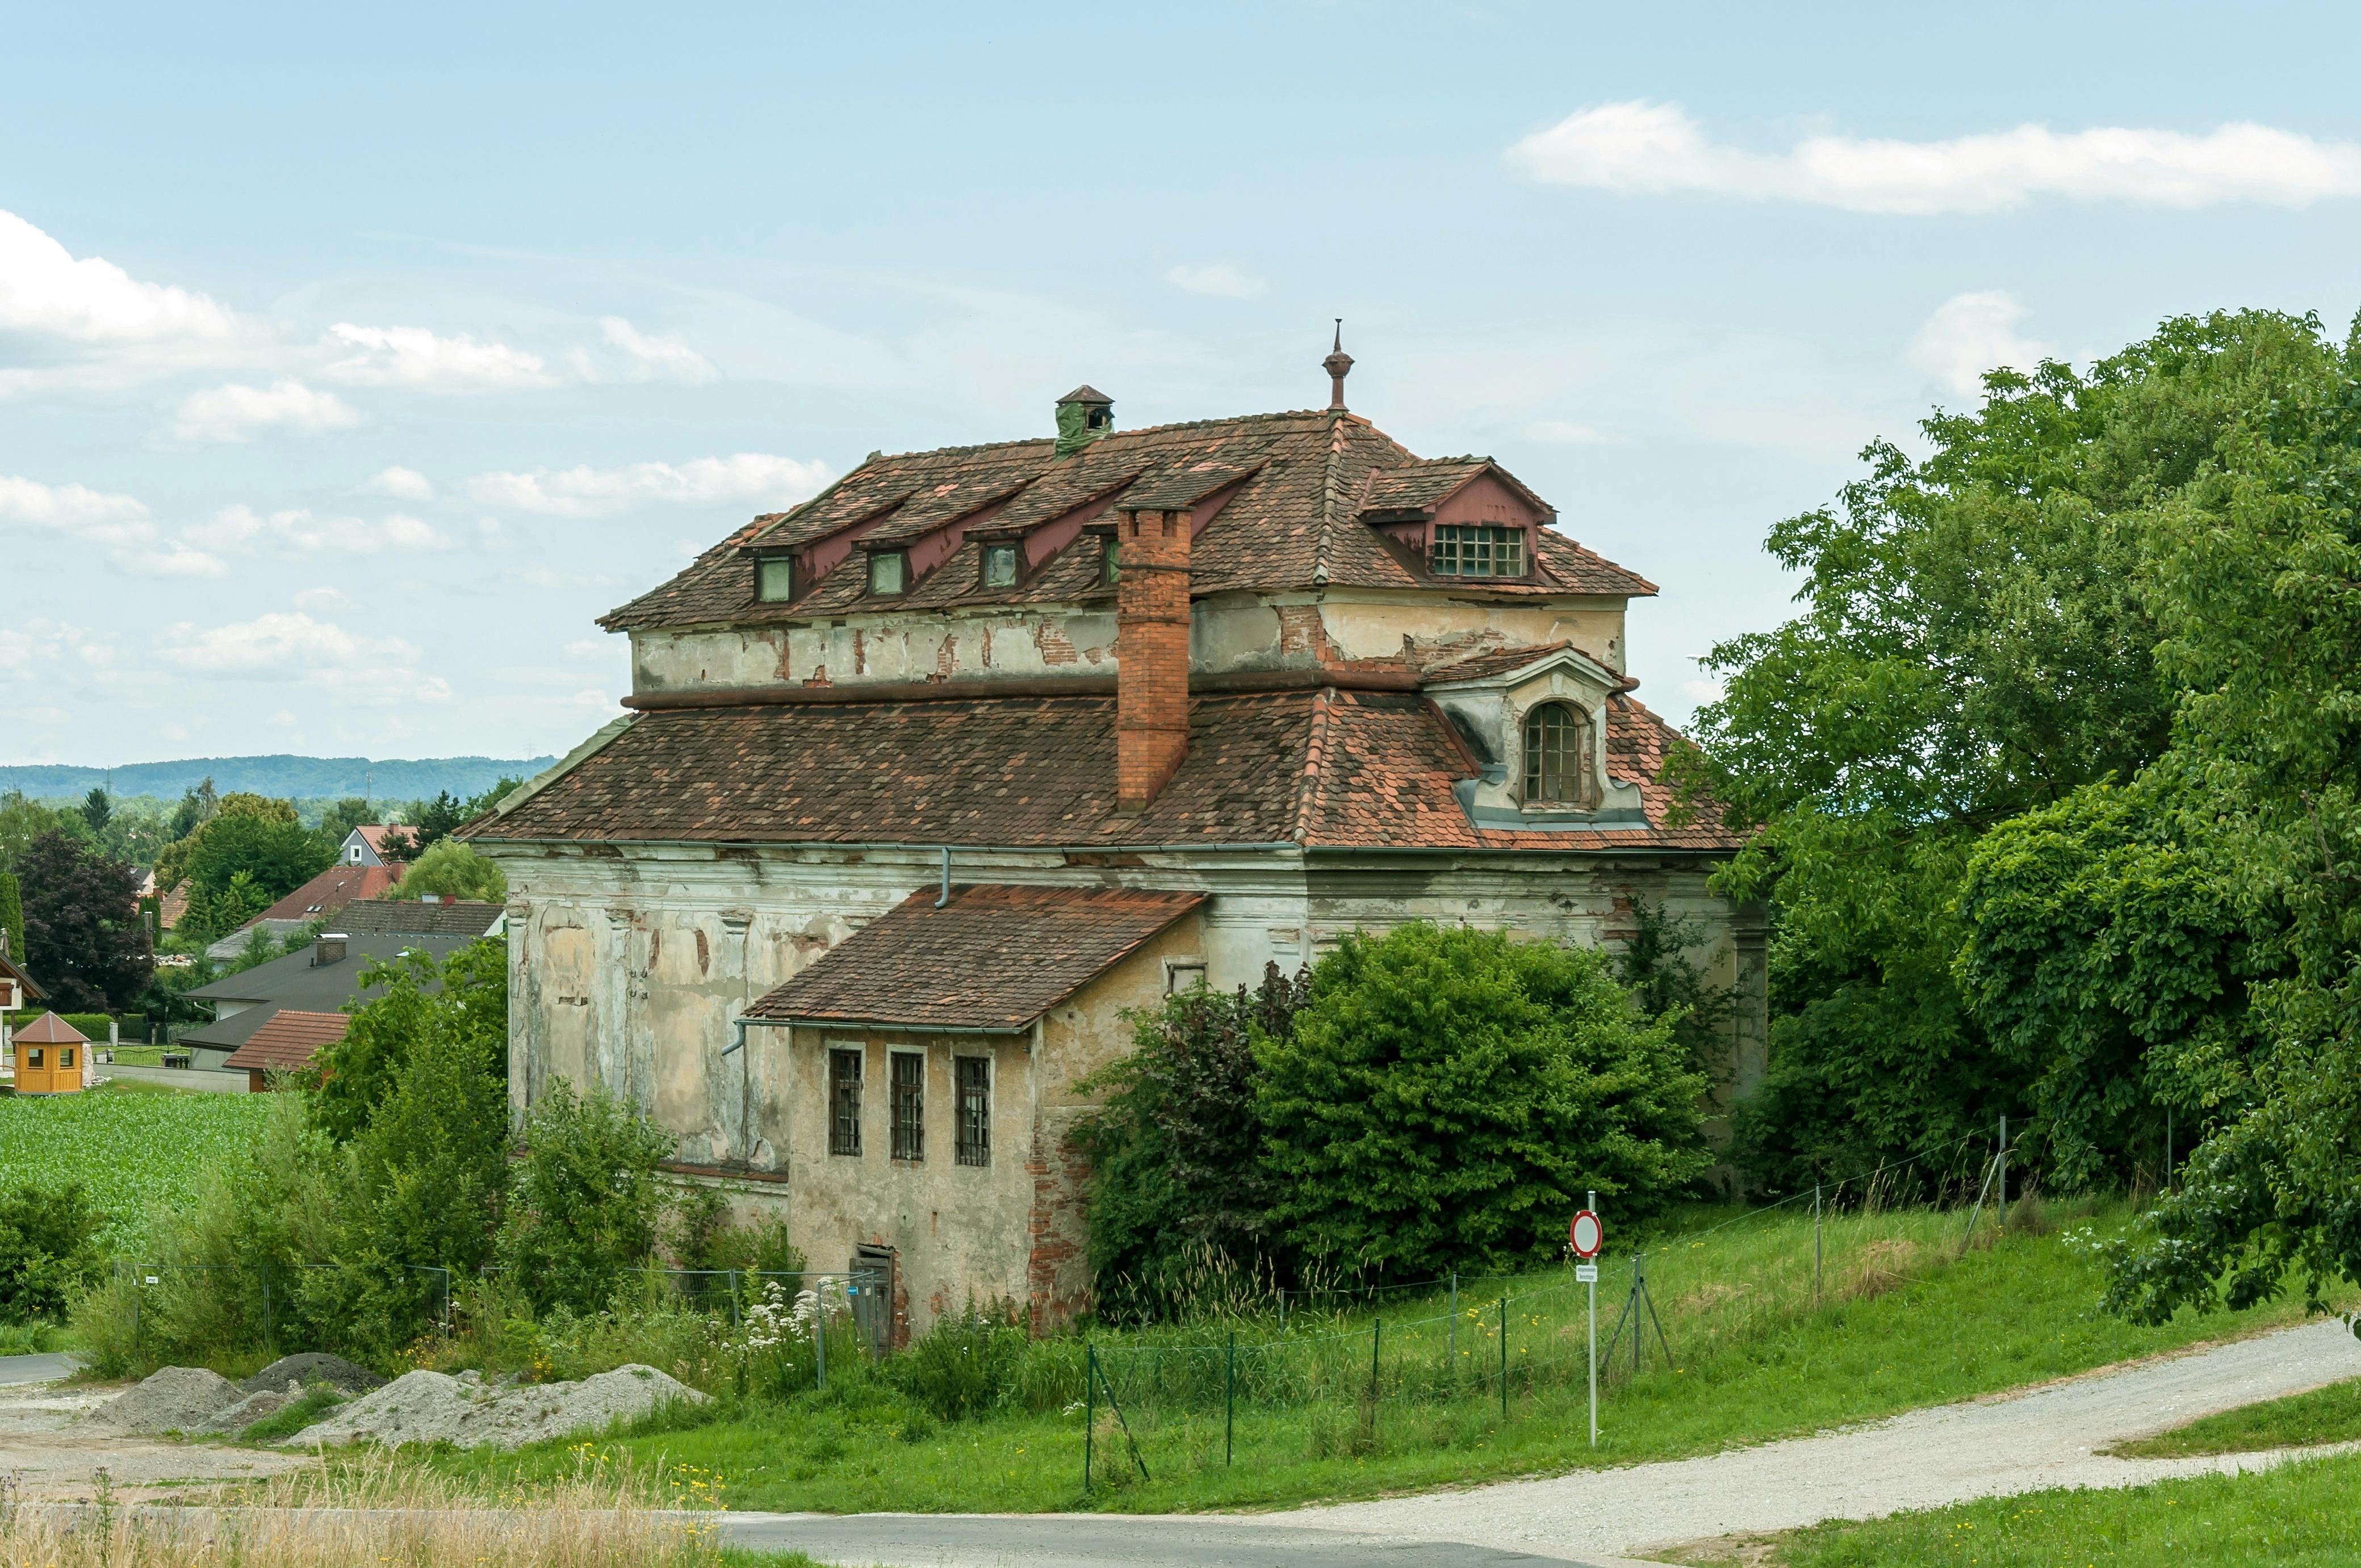 Garten haus  File:Unterpremstätten Schloss Gartenhaus NW.jpg - Wikimedia Commons